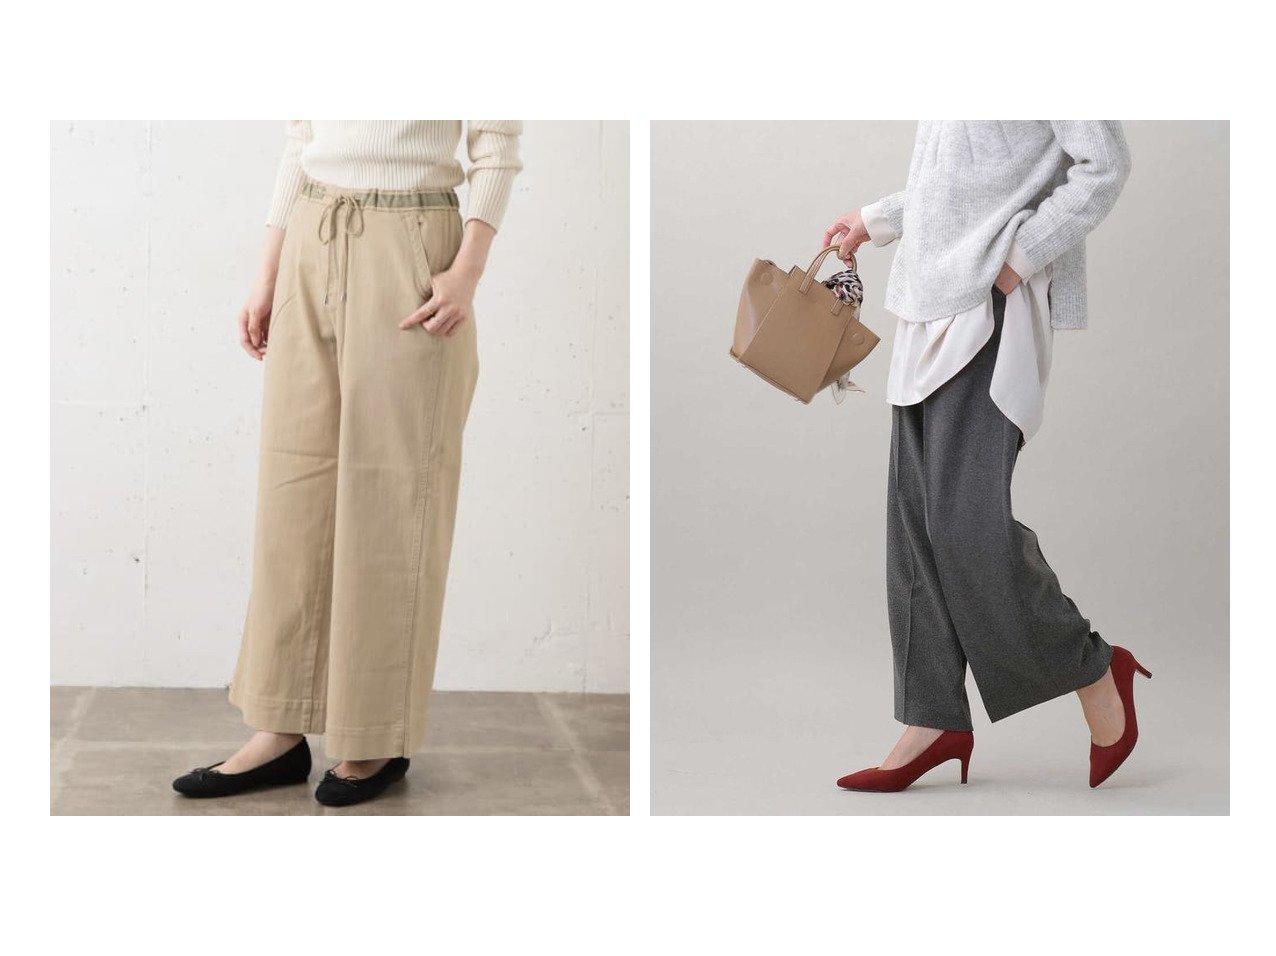 【nano universe/ナノ ユニバース】のイージーケア ウーリッシュタックパンツ&【Sonny Label / URBAN RESEARCH/サニーレーベル】のMoname EASY WIDE PANTS パンツのおすすめ!人気、レディースファッションの通販 おすすめで人気のファッション通販商品 インテリア・家具・キッズファッション・メンズファッション・レディースファッション・服の通販 founy(ファニー) https://founy.com/ ファッション Fashion レディース WOMEN パンツ Pants デニム トレンド フェミニン フランス ミックス ワイド ストレッチ ストレート スラックス センター チェック パターン 無地 秋冬 A/W Autumn/ Winter |ID:crp329100000001400